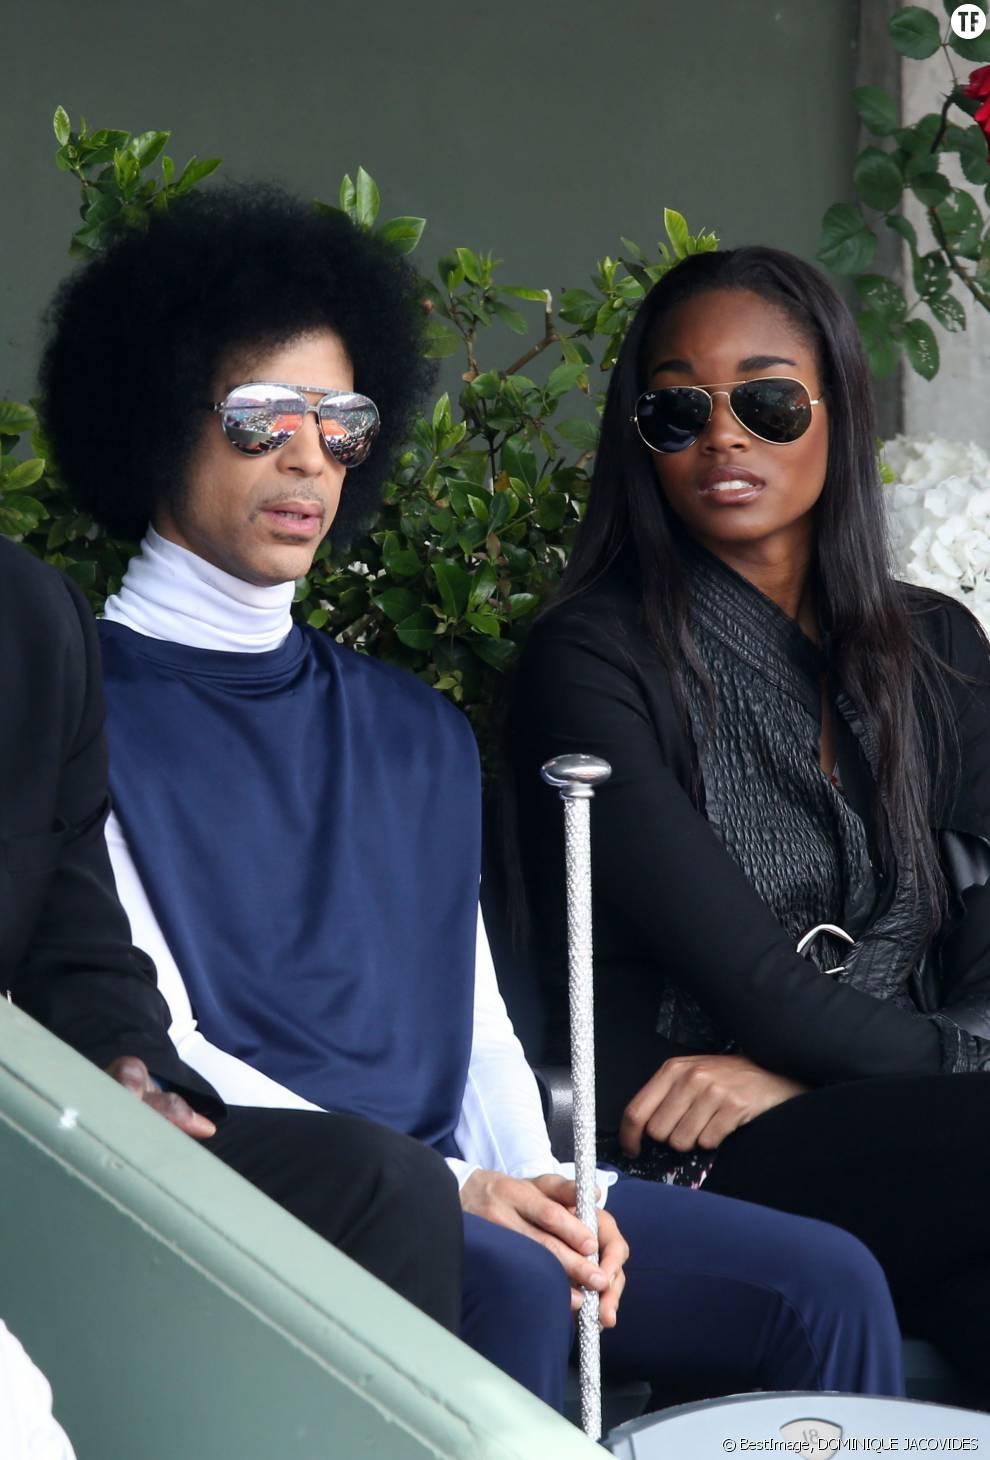 Prince et sa compagne depuis 2012, Damaris Lewis